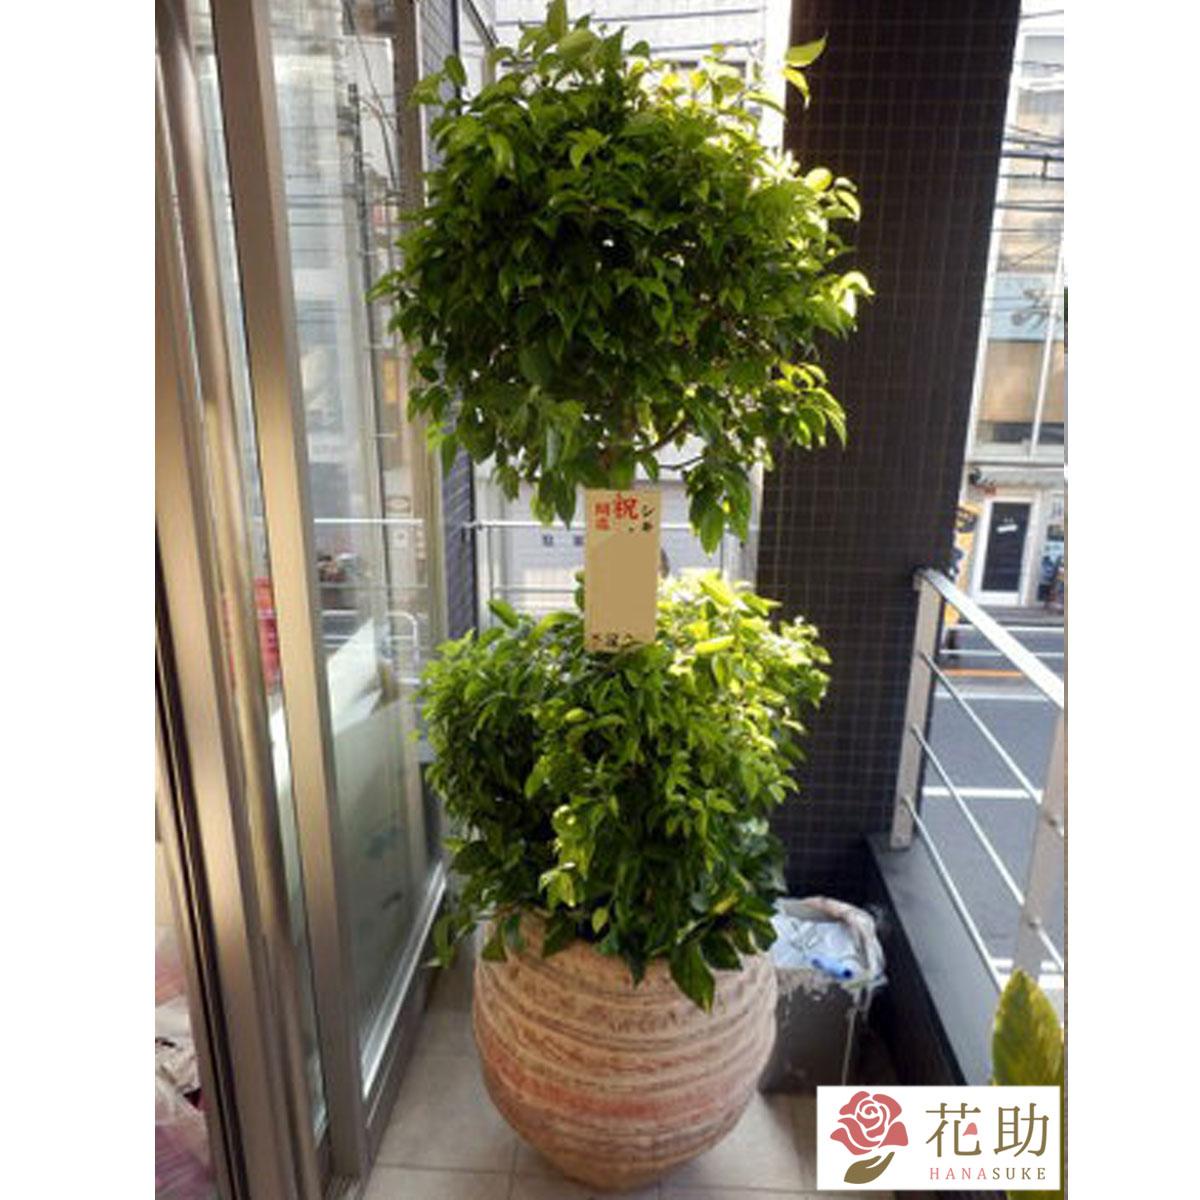 【観葉植物】フラワーコンシェルジュが厳選した花屋の観葉植物 45000円 無料ラッピング、メッセージカード付き【楽ギフ_メッセ入力】